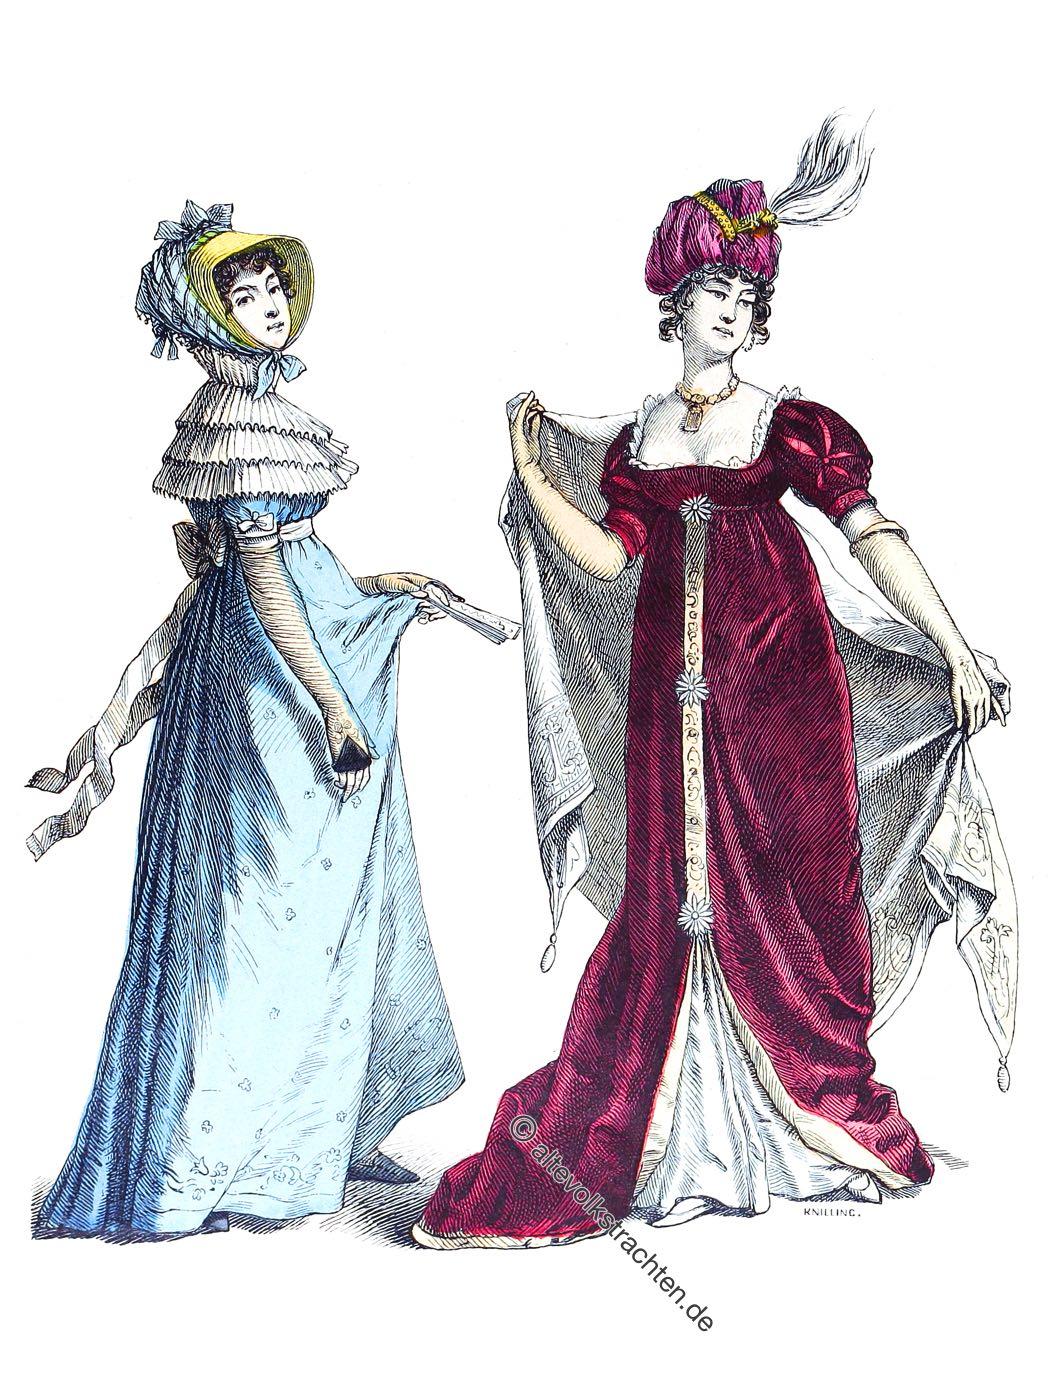 Empire, Mode, Kostüme, Drouillette, Robe, Münchener Bilderbogen,